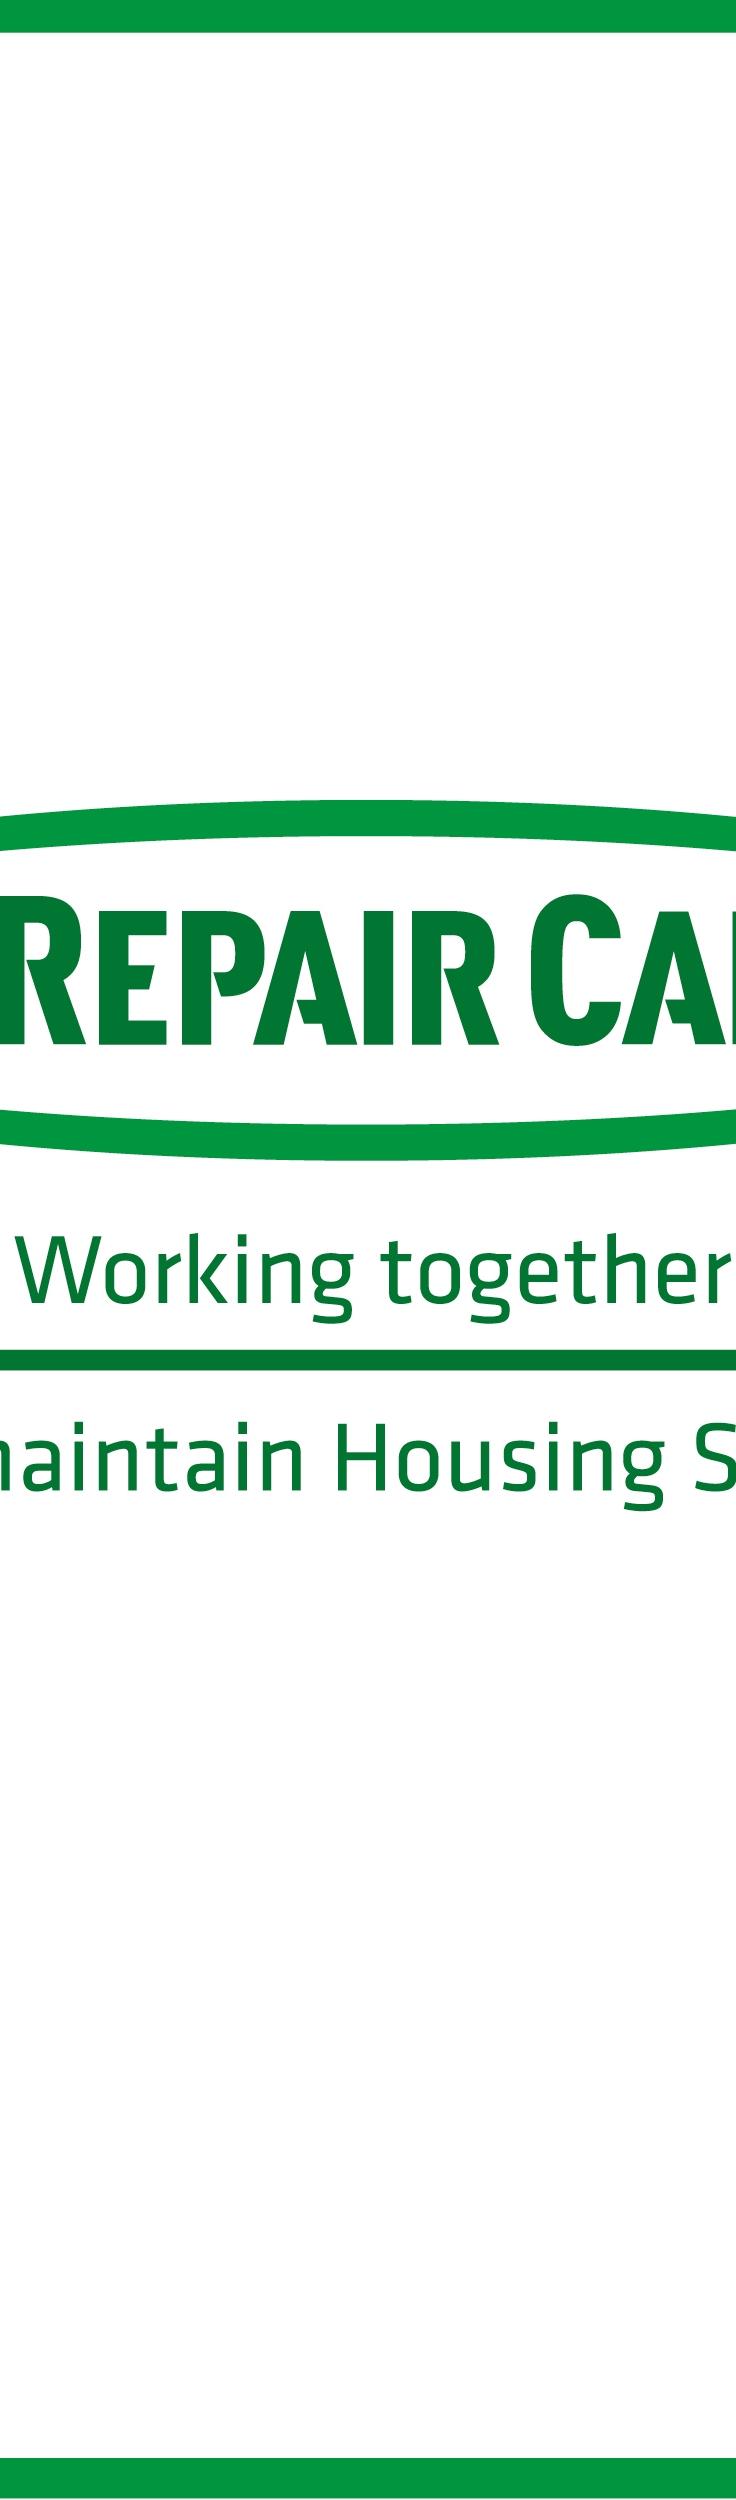 Home Repair Care